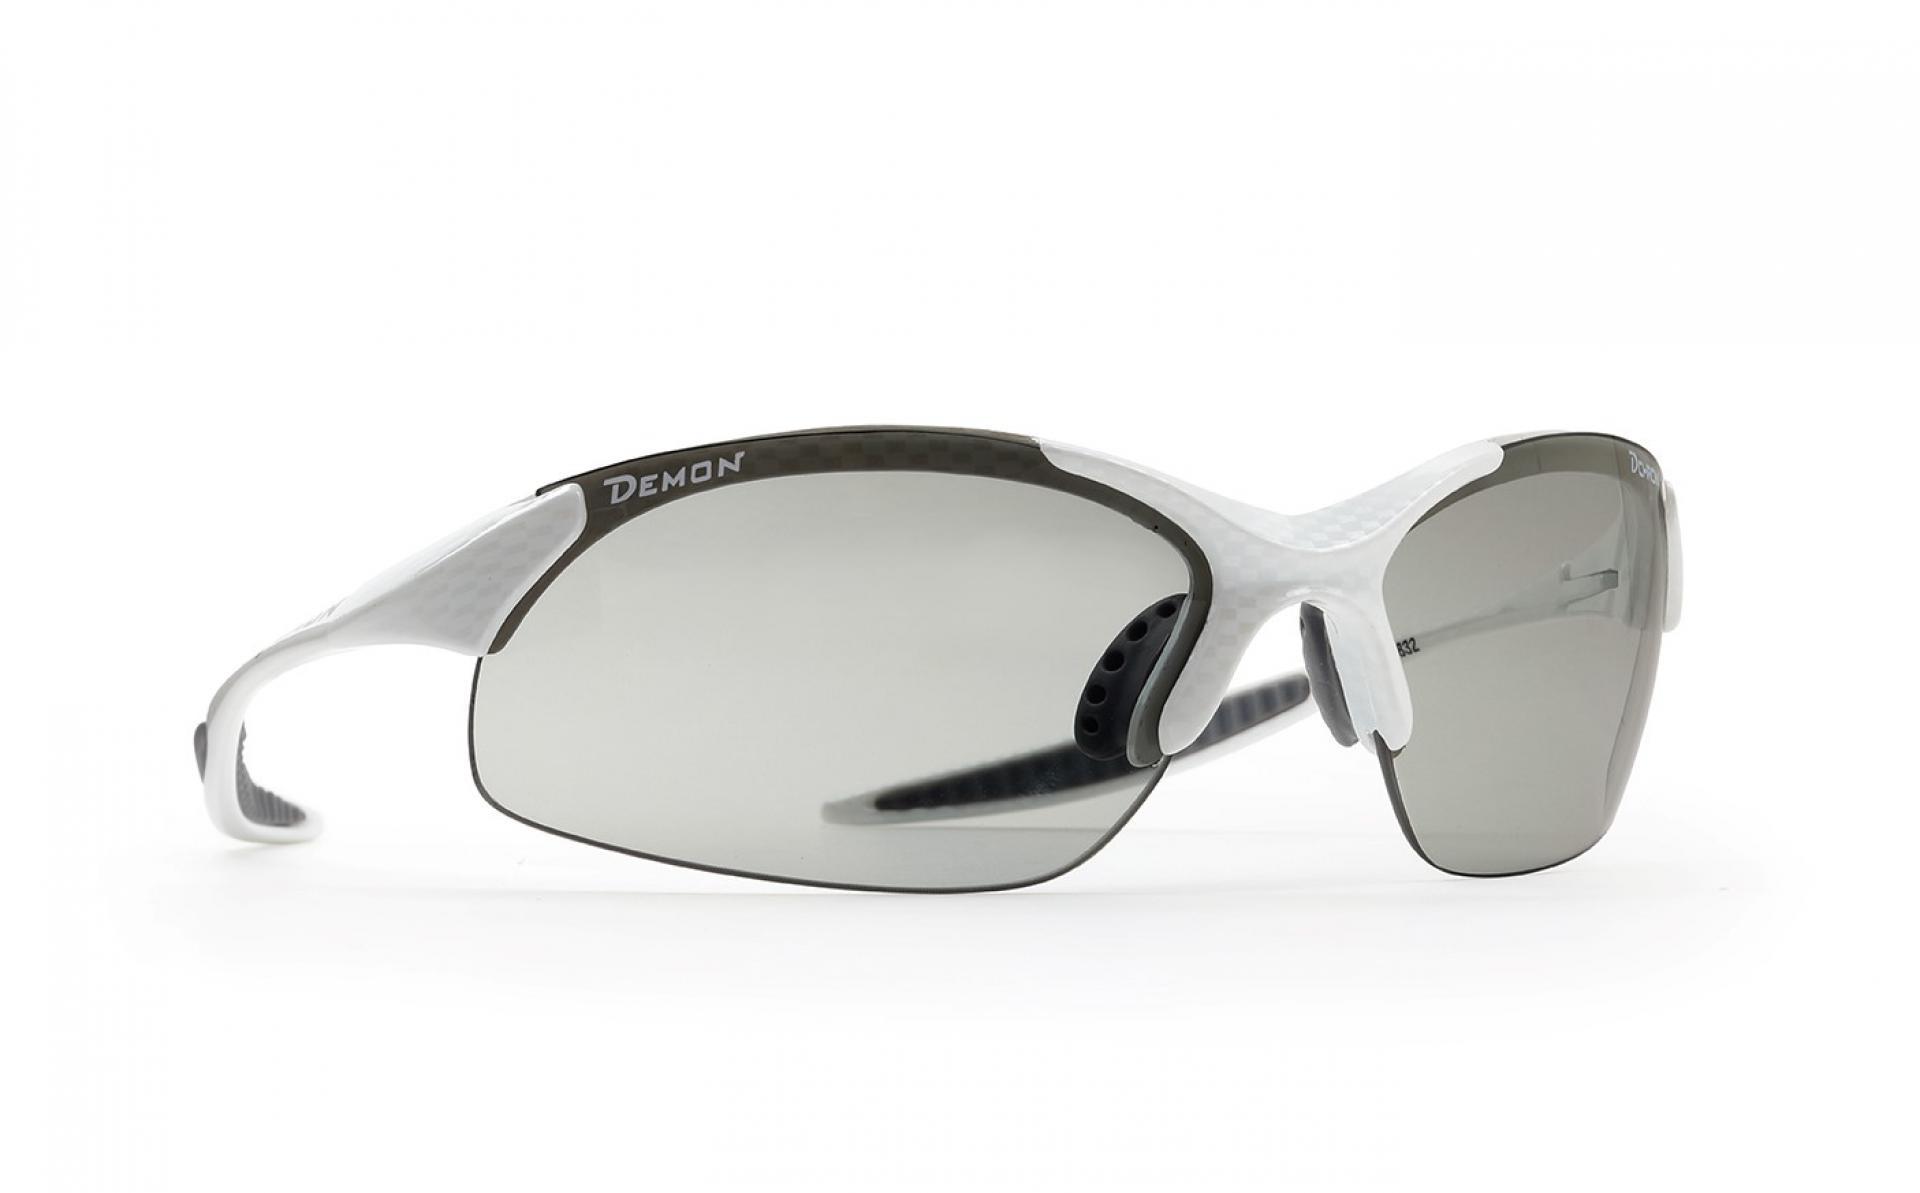 Demon 832 DCHROM - Løbe- og cykelbrille med fotokromisk linse - Carbon look/hvid   Glasses